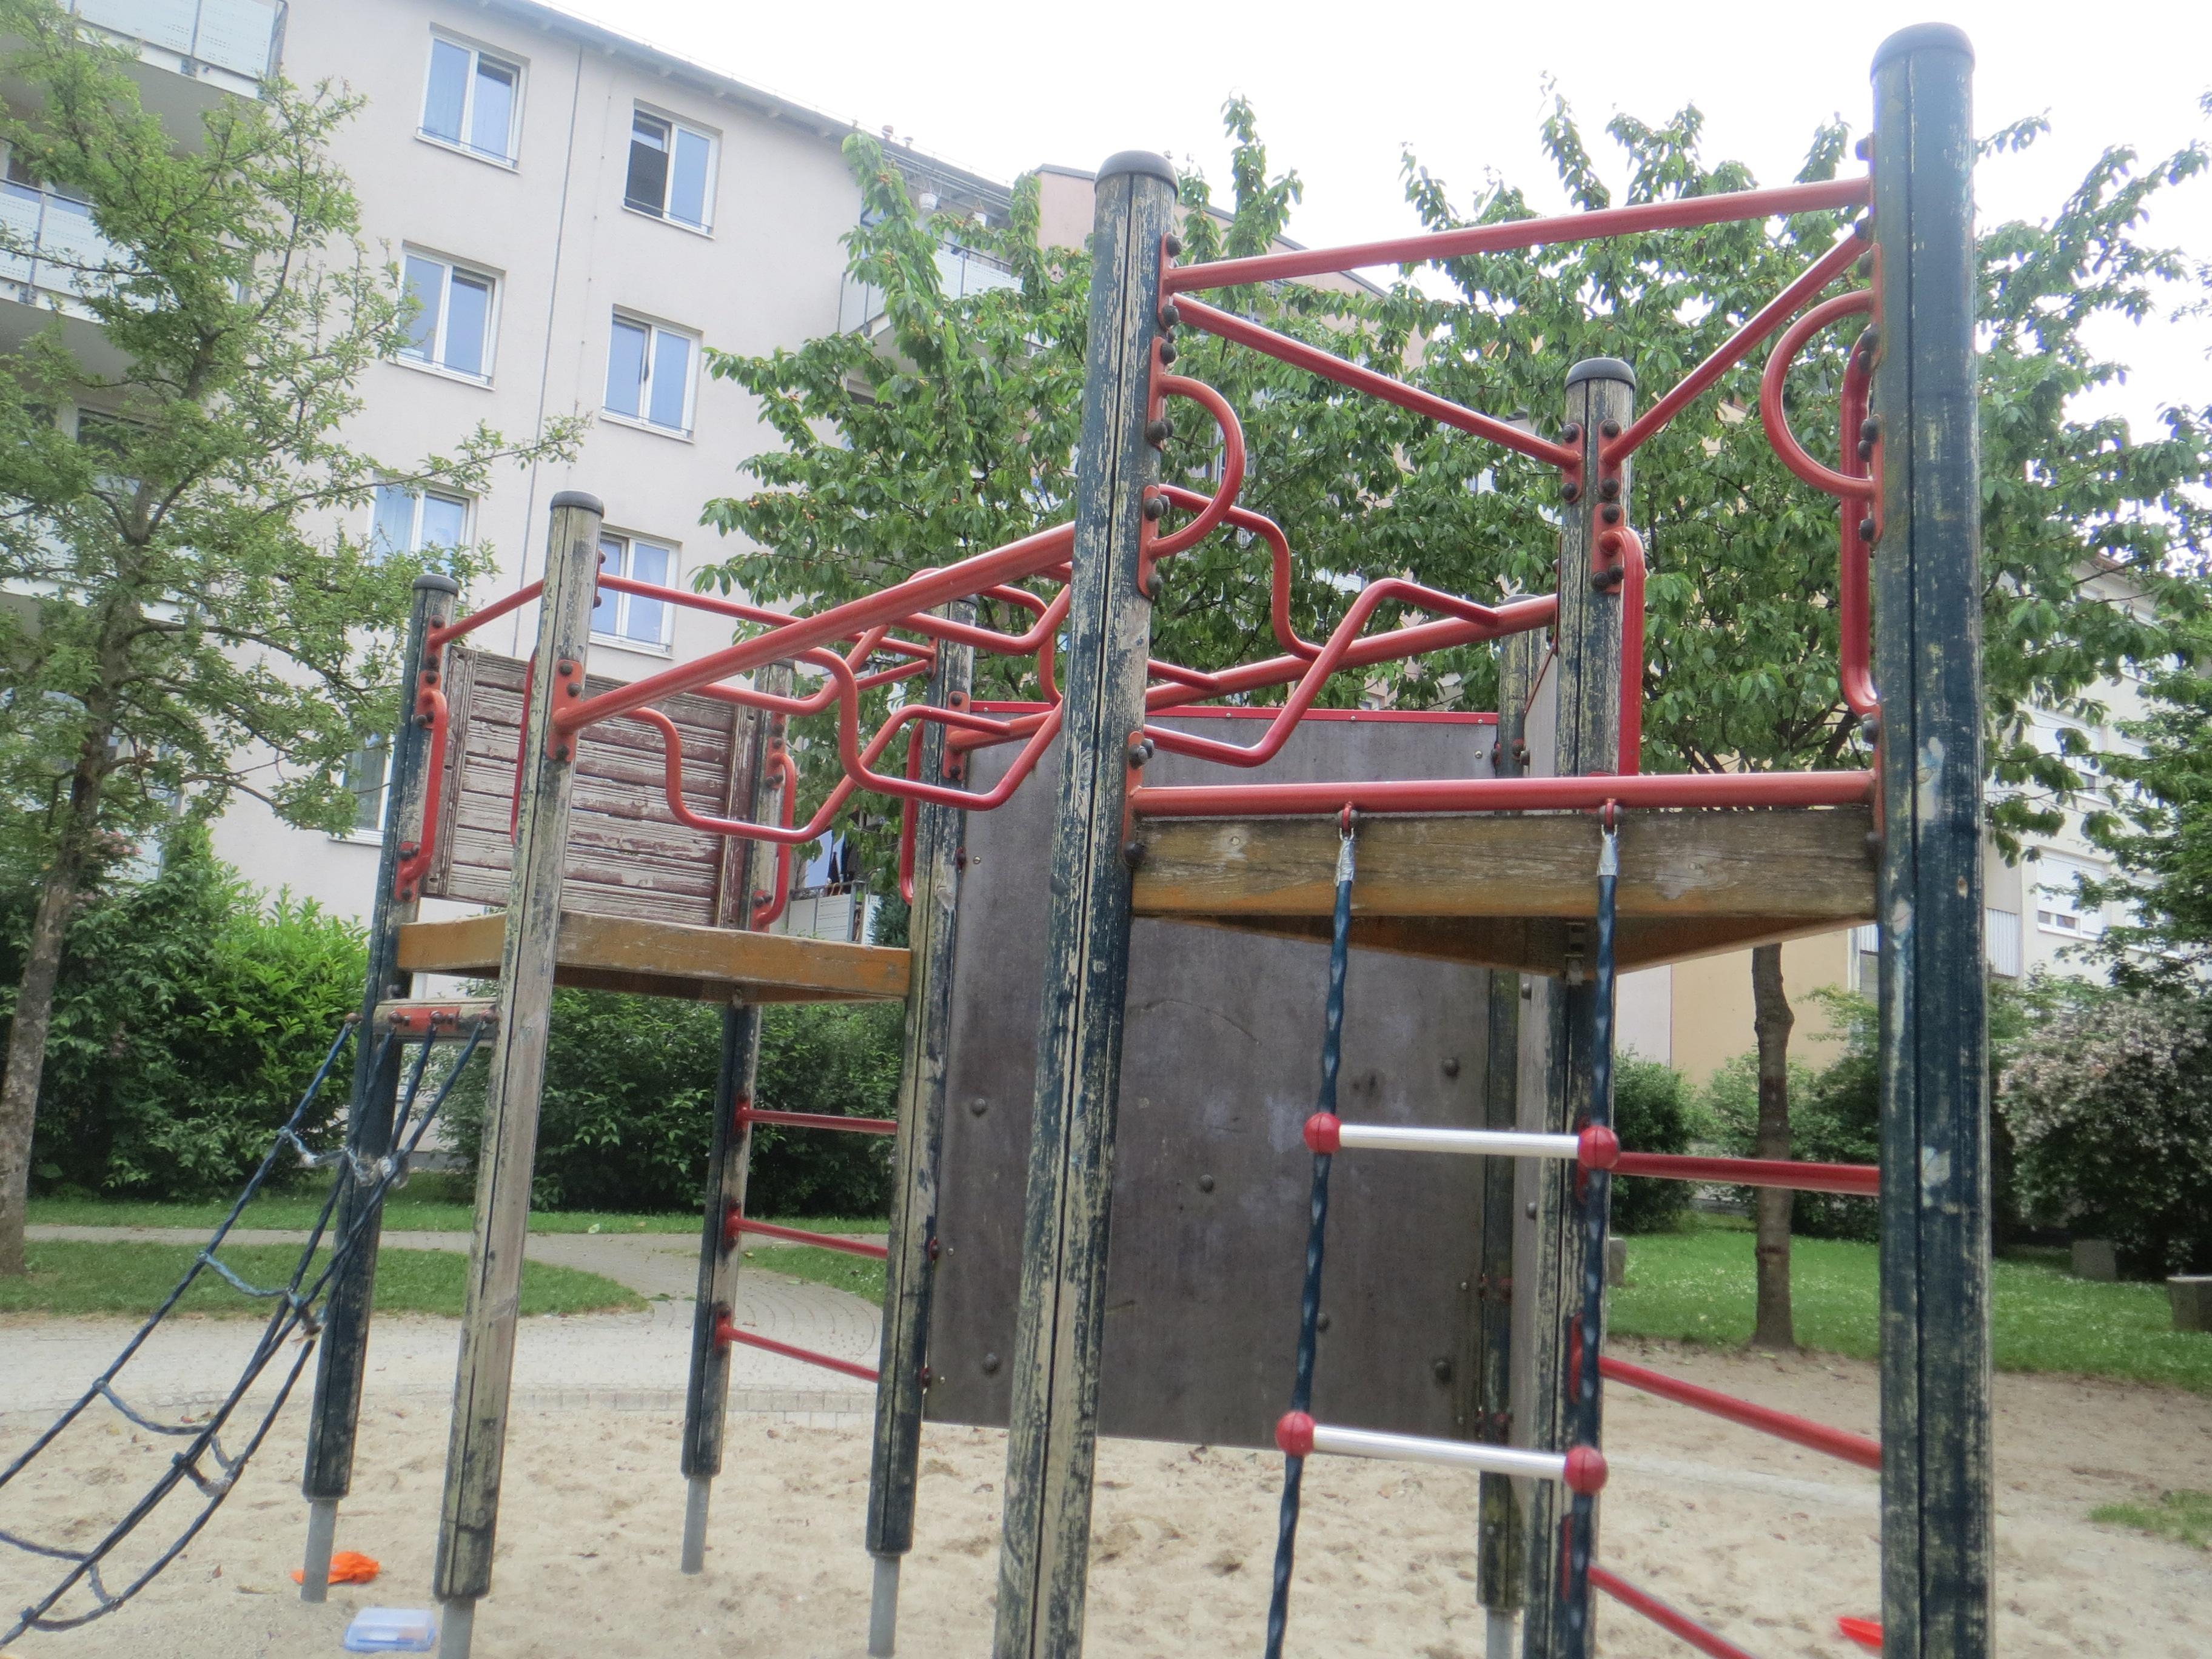 Rotbuchenschule_3e_06_11_Spielplatz1.JPG